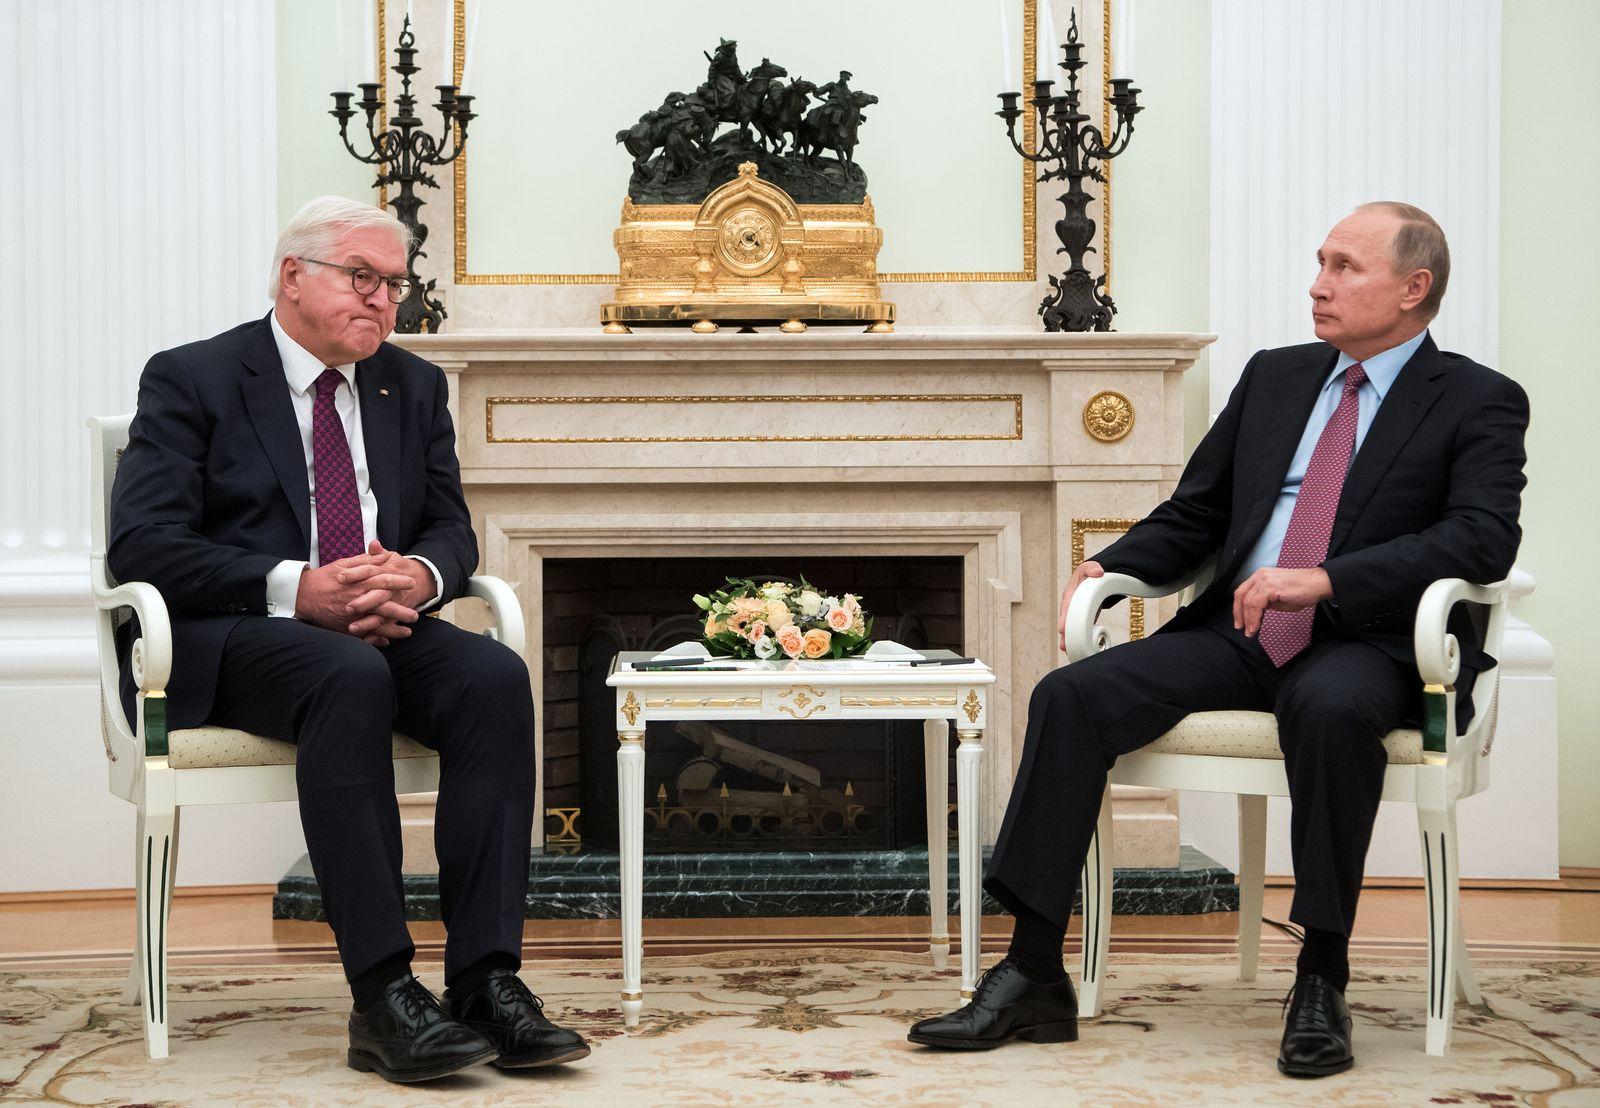 Bundespräsident Steinmeier in Moskau